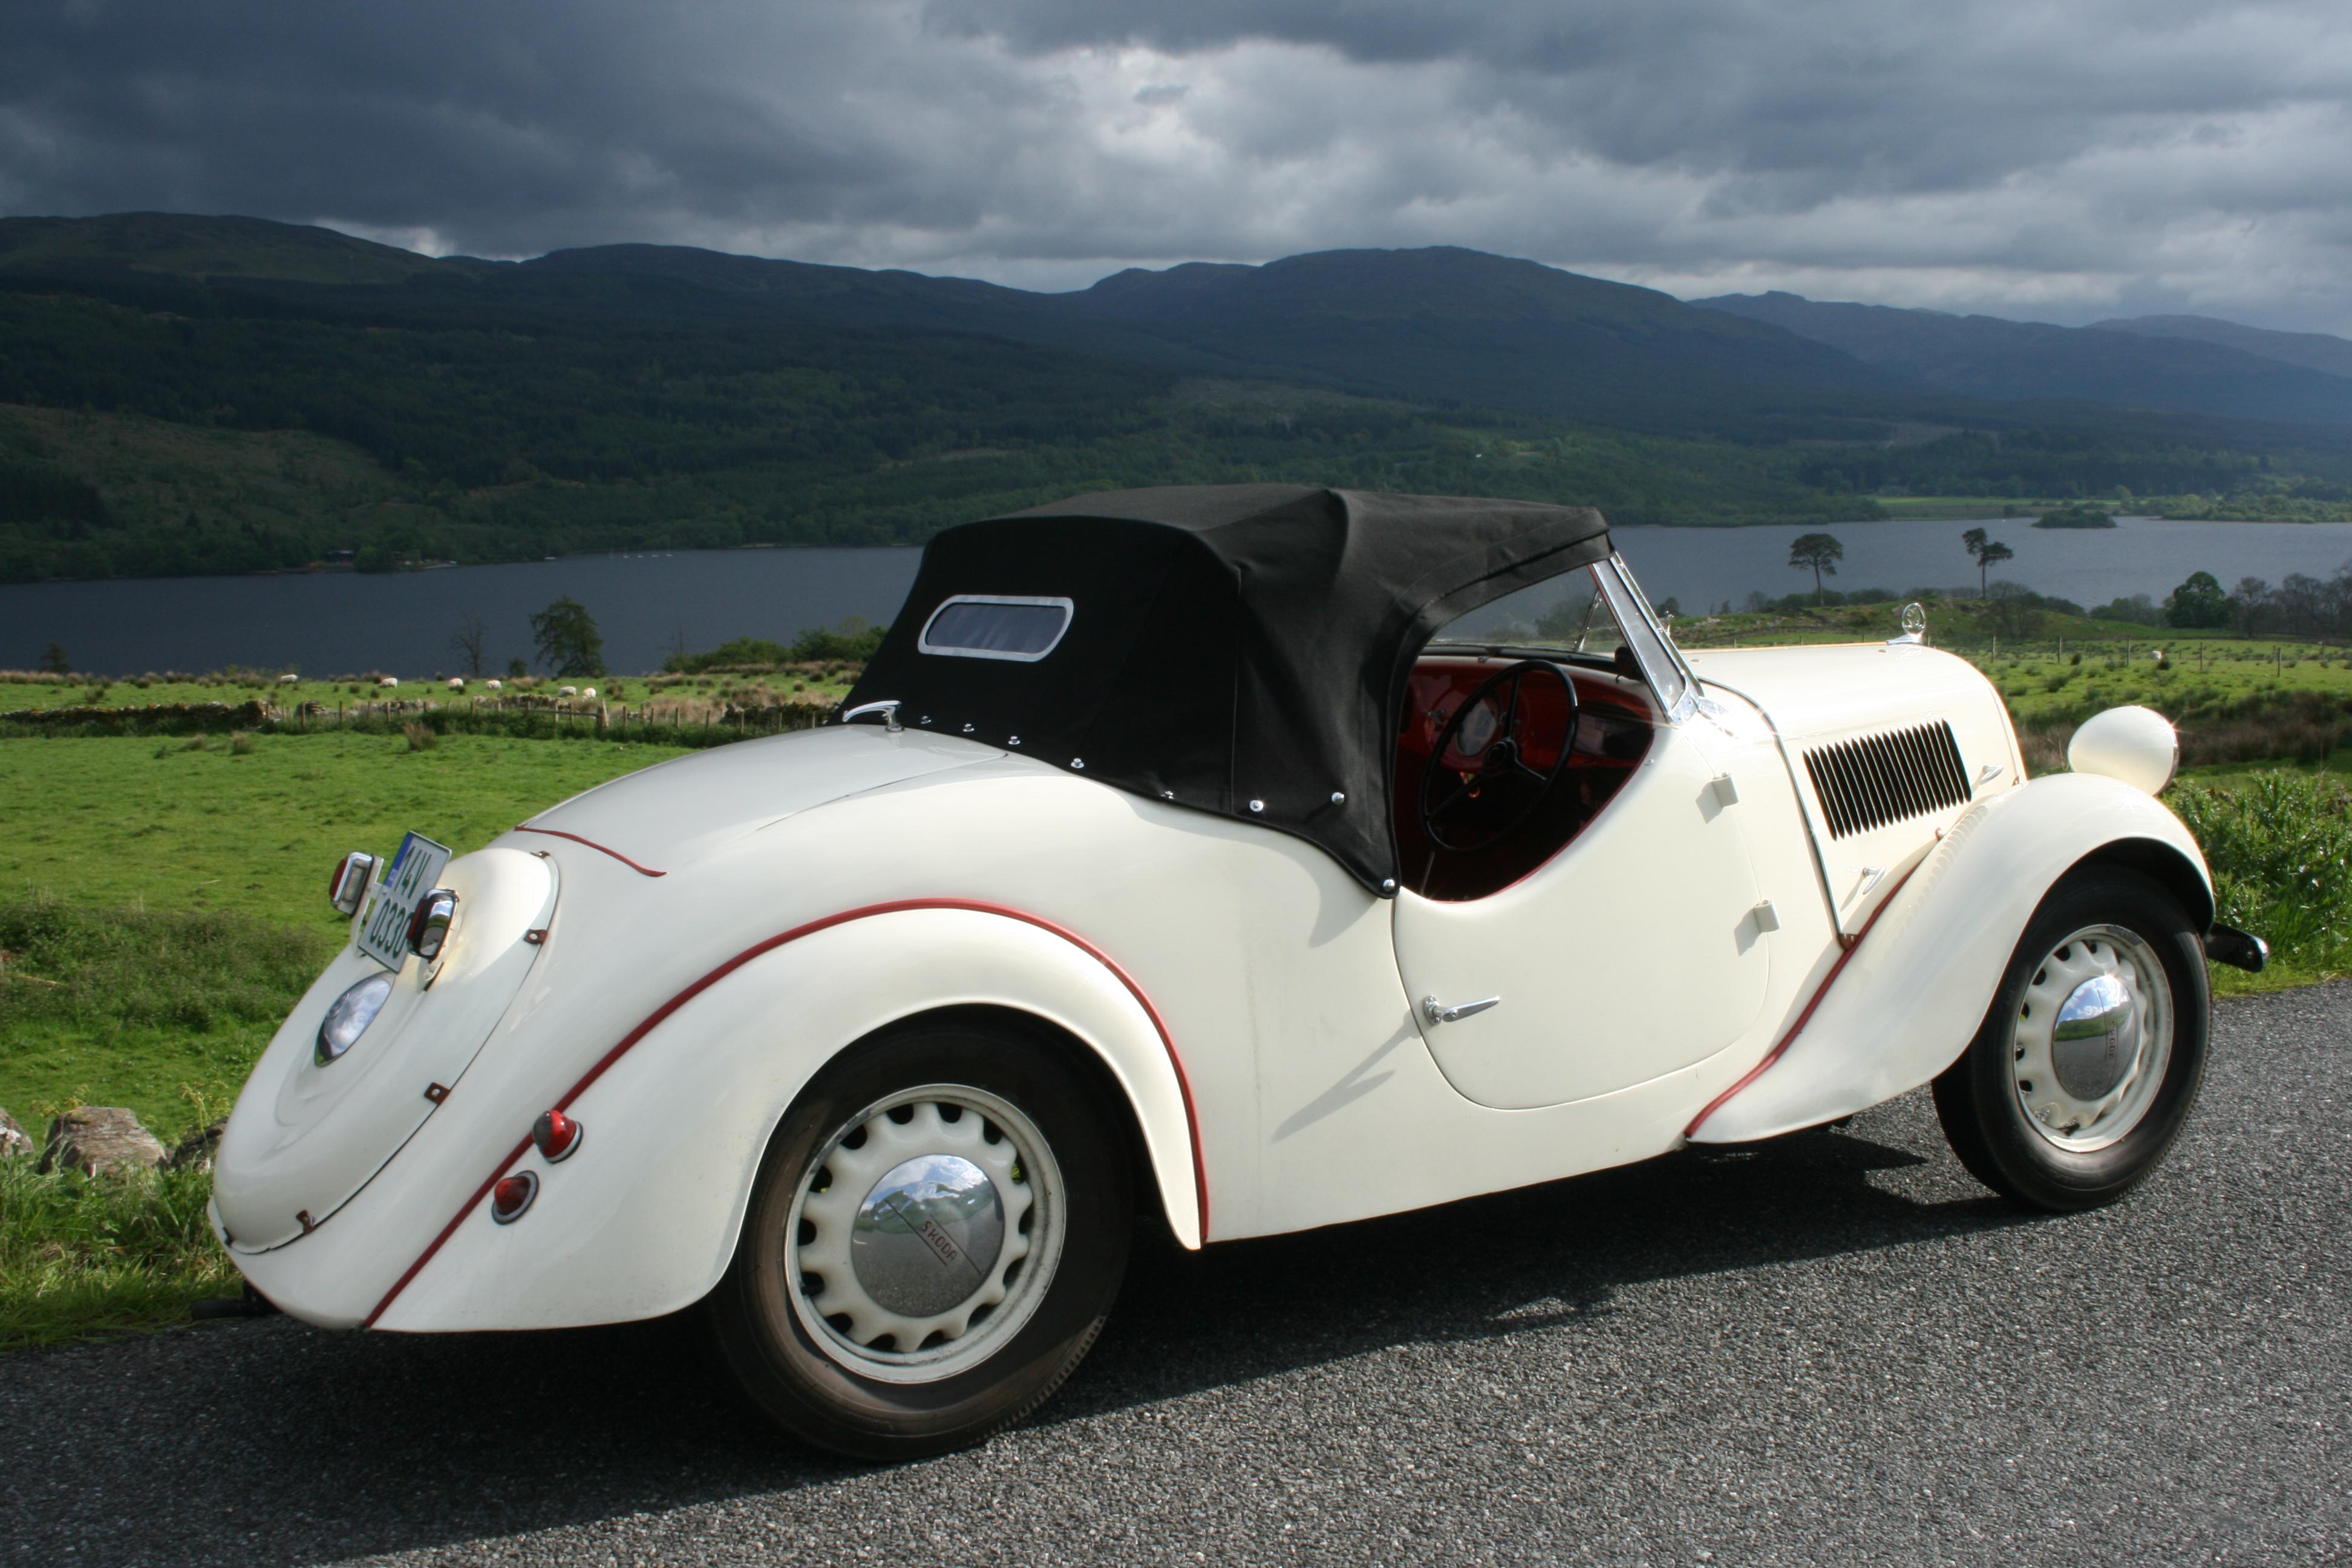 SKODA startet mit faszinierenden Autos bei Sauerland Klassik